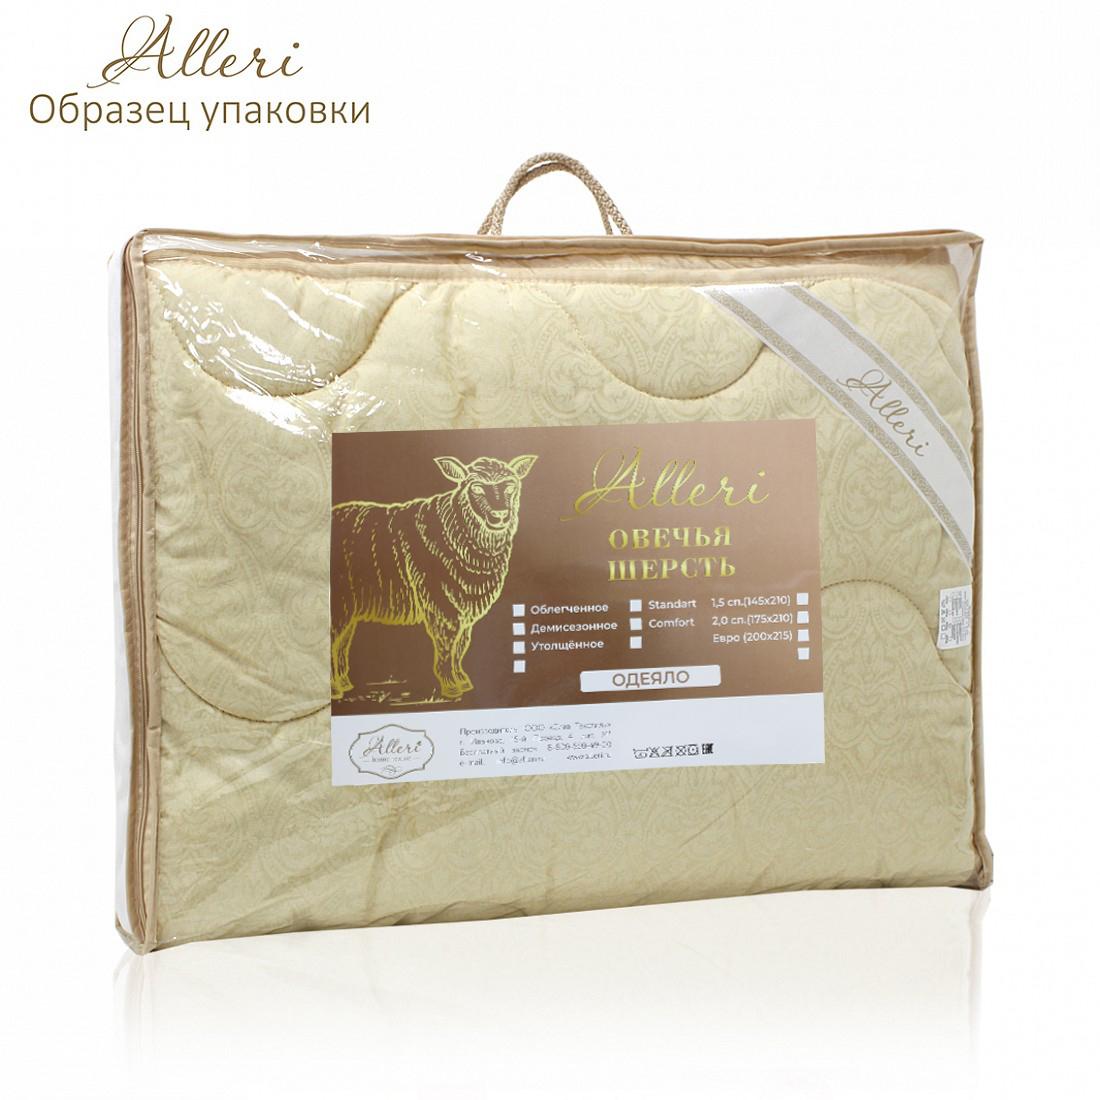 Одеяло Овечья шерсть (Полиэстер), 300 гр